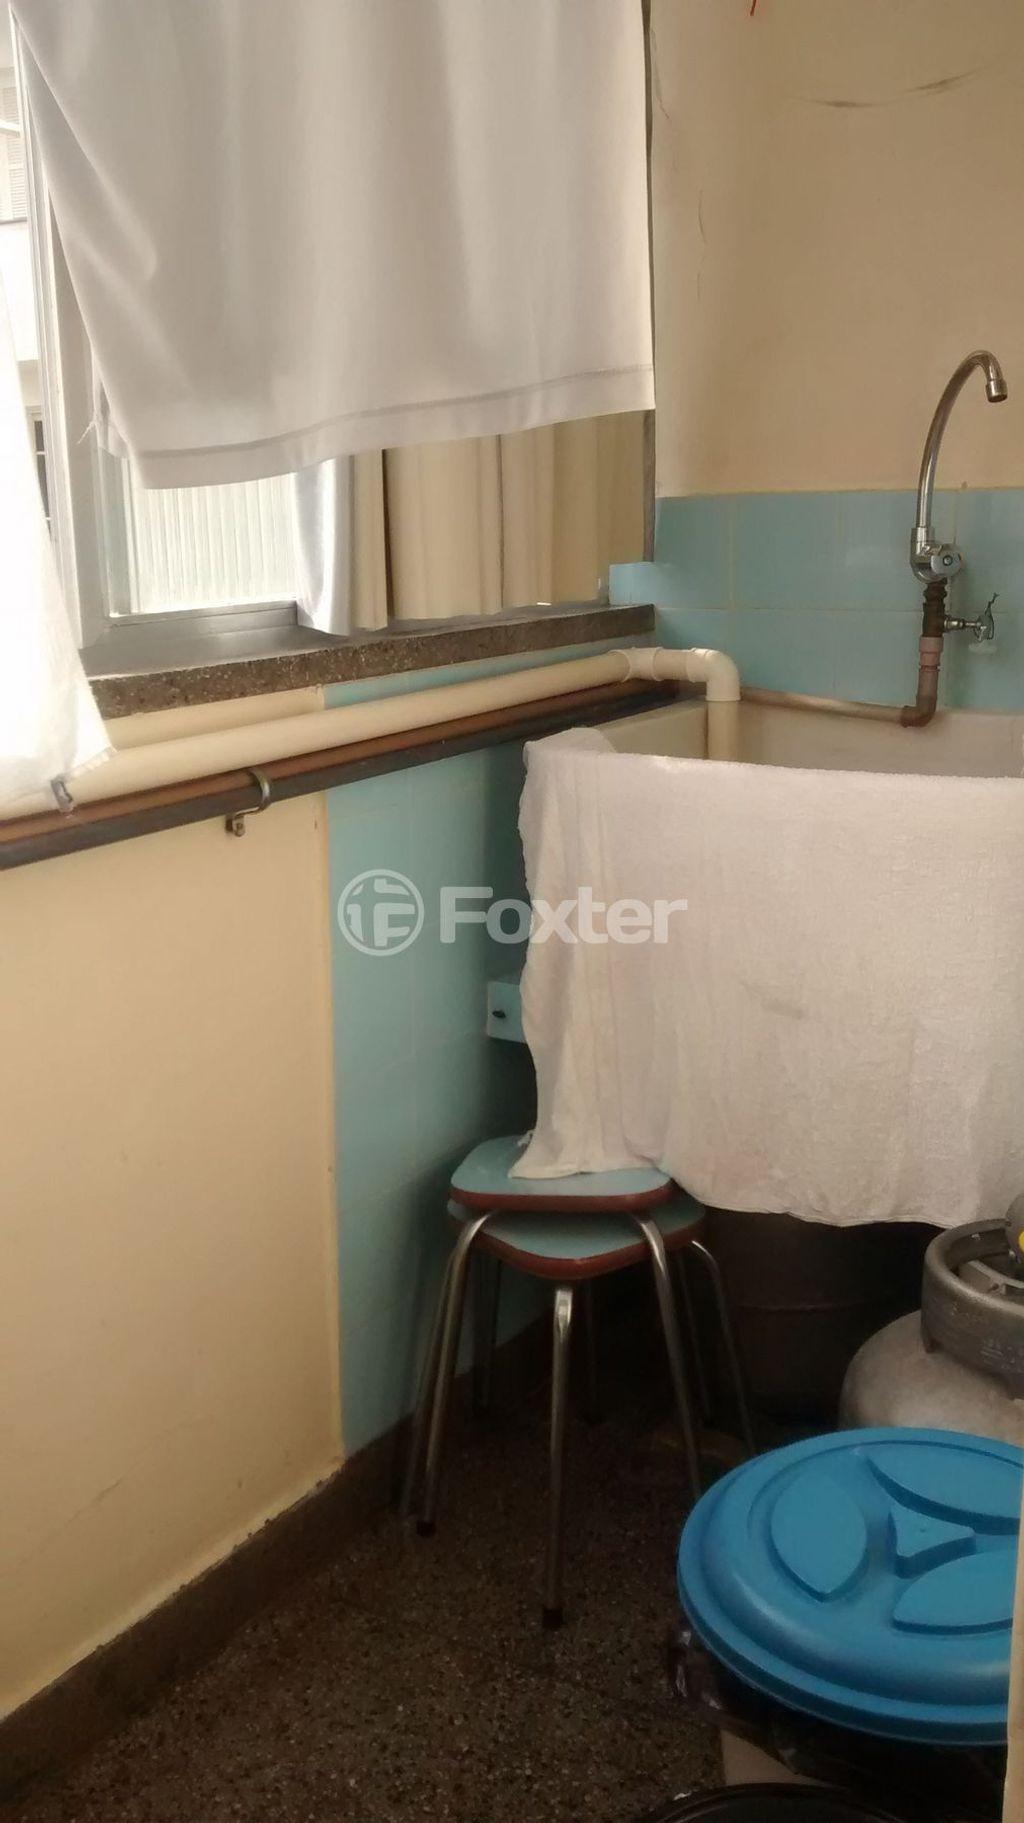 Foxter Imobiliária - Apto 2 Dorm, Menino Deus - Foto 12